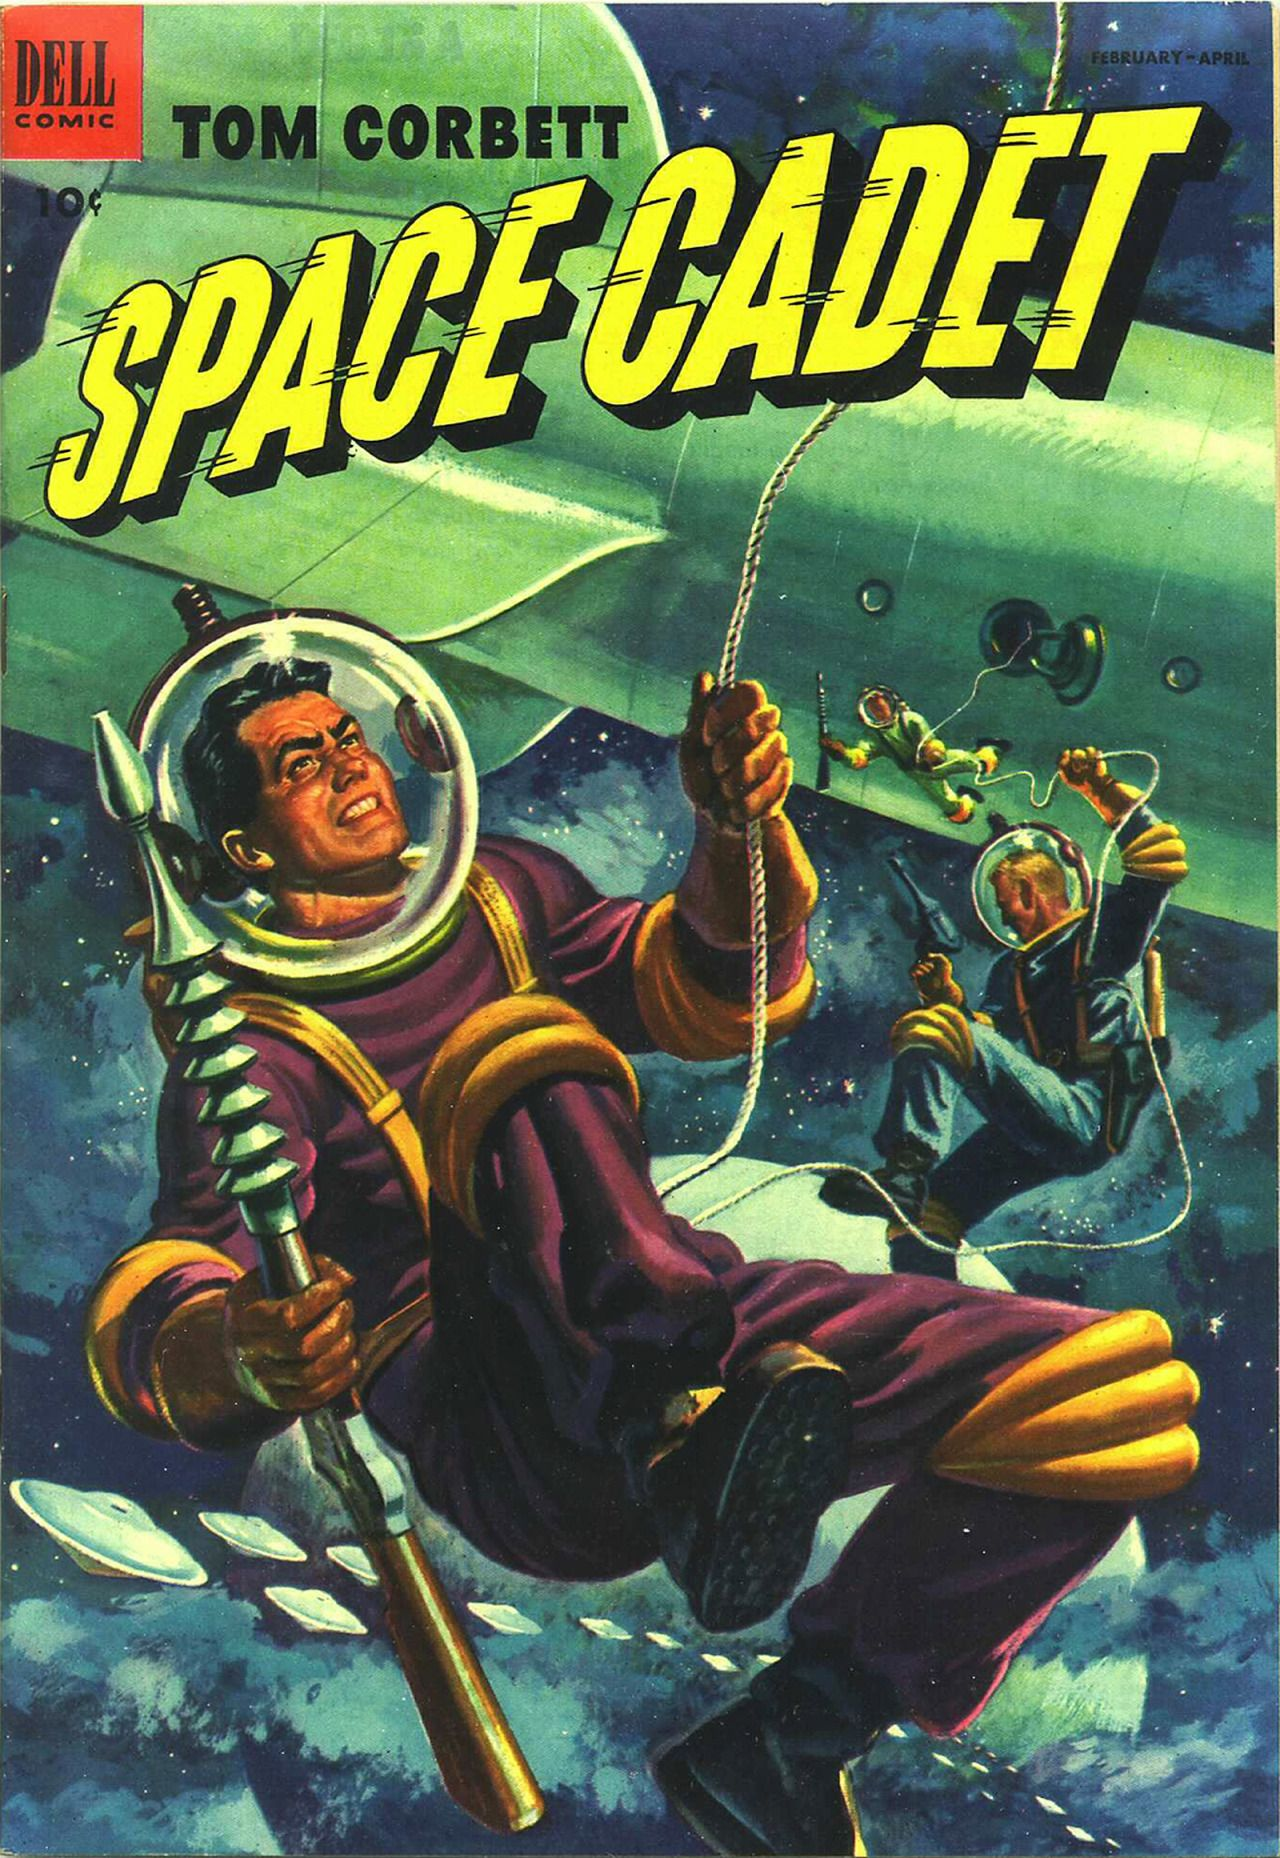 Tom Corbett - Space Cadet